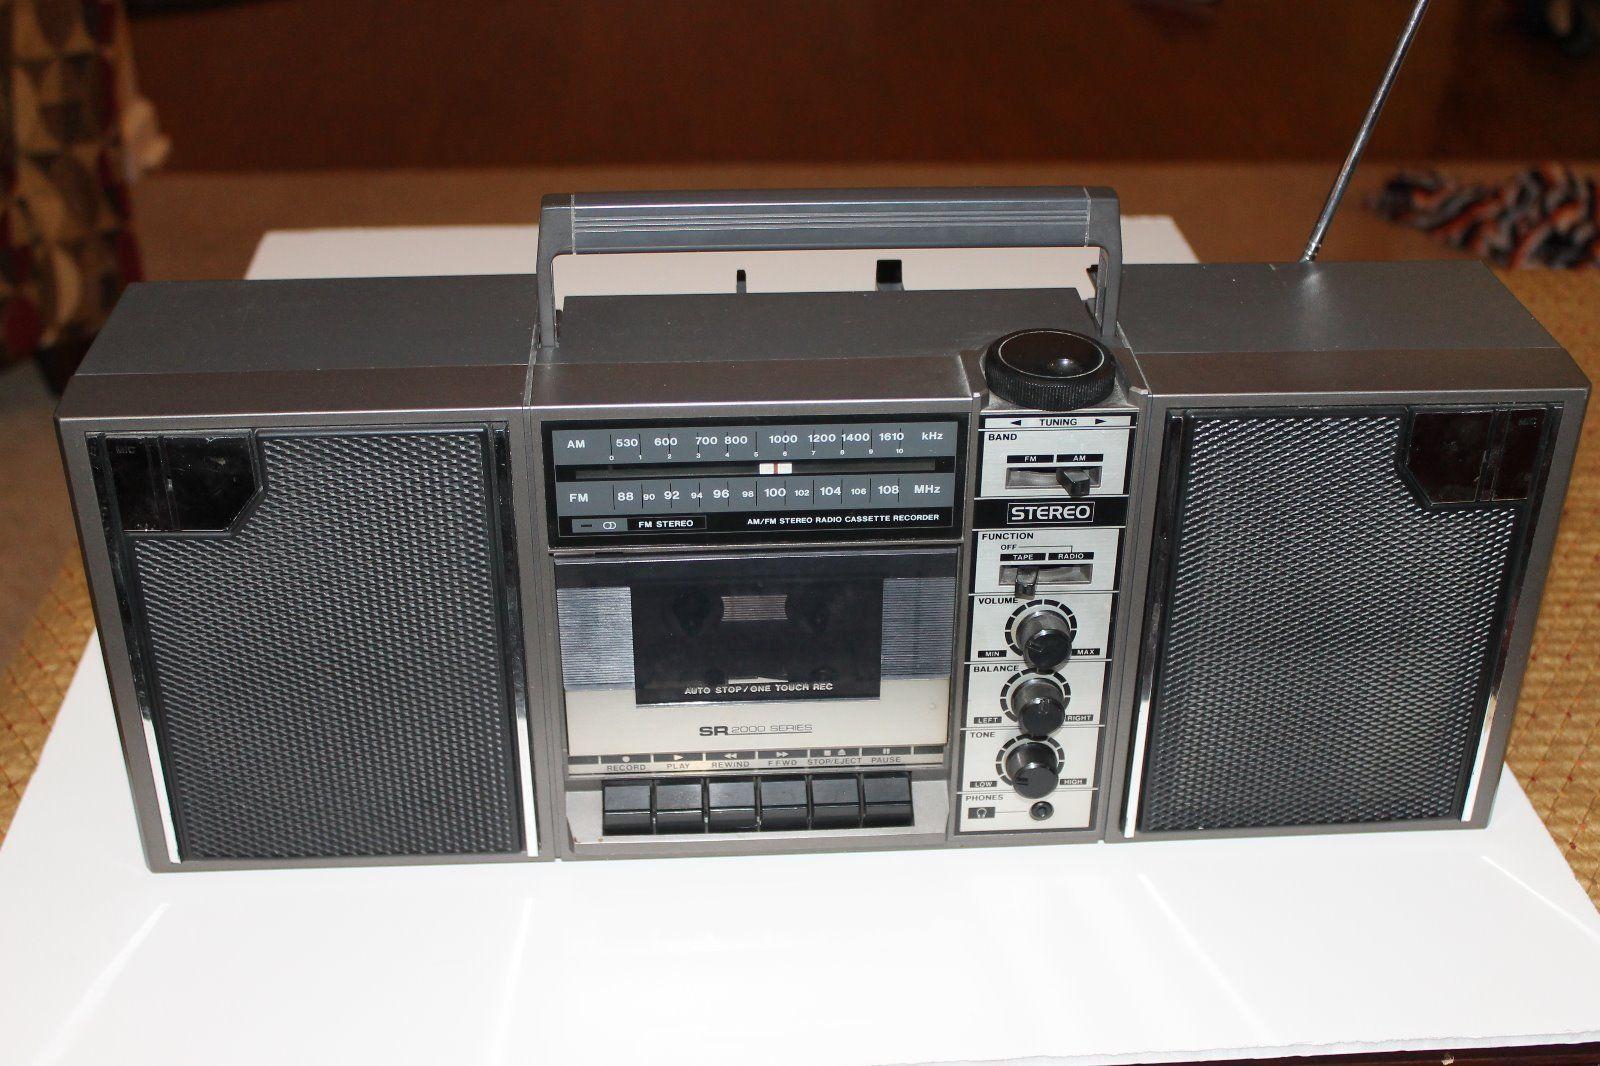 SR2000-Series-AM-FM-Stereo-Cassette-Recorder